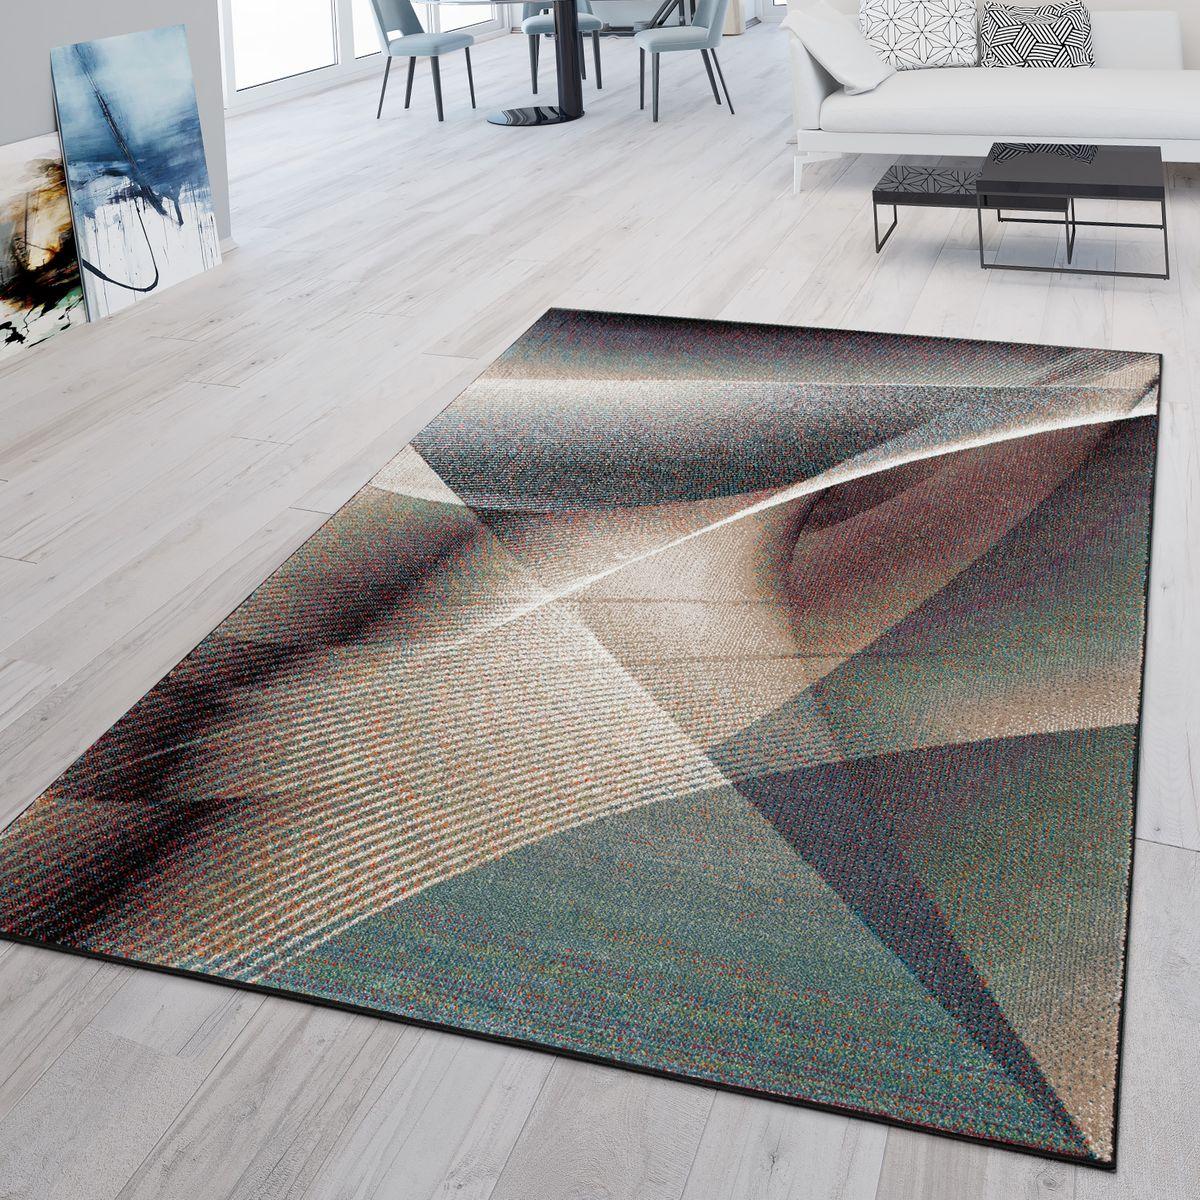 Full Size of Teppich Wohnzimmer Modern Farbverlauf Gemlde Muster Teppichmax Tapete Küche Vorhänge Wandtattoo Deckenlampe Stehleuchte Led Beleuchtung Tisch Deckenleuchte Wohnzimmer Teppich Wohnzimmer Modern